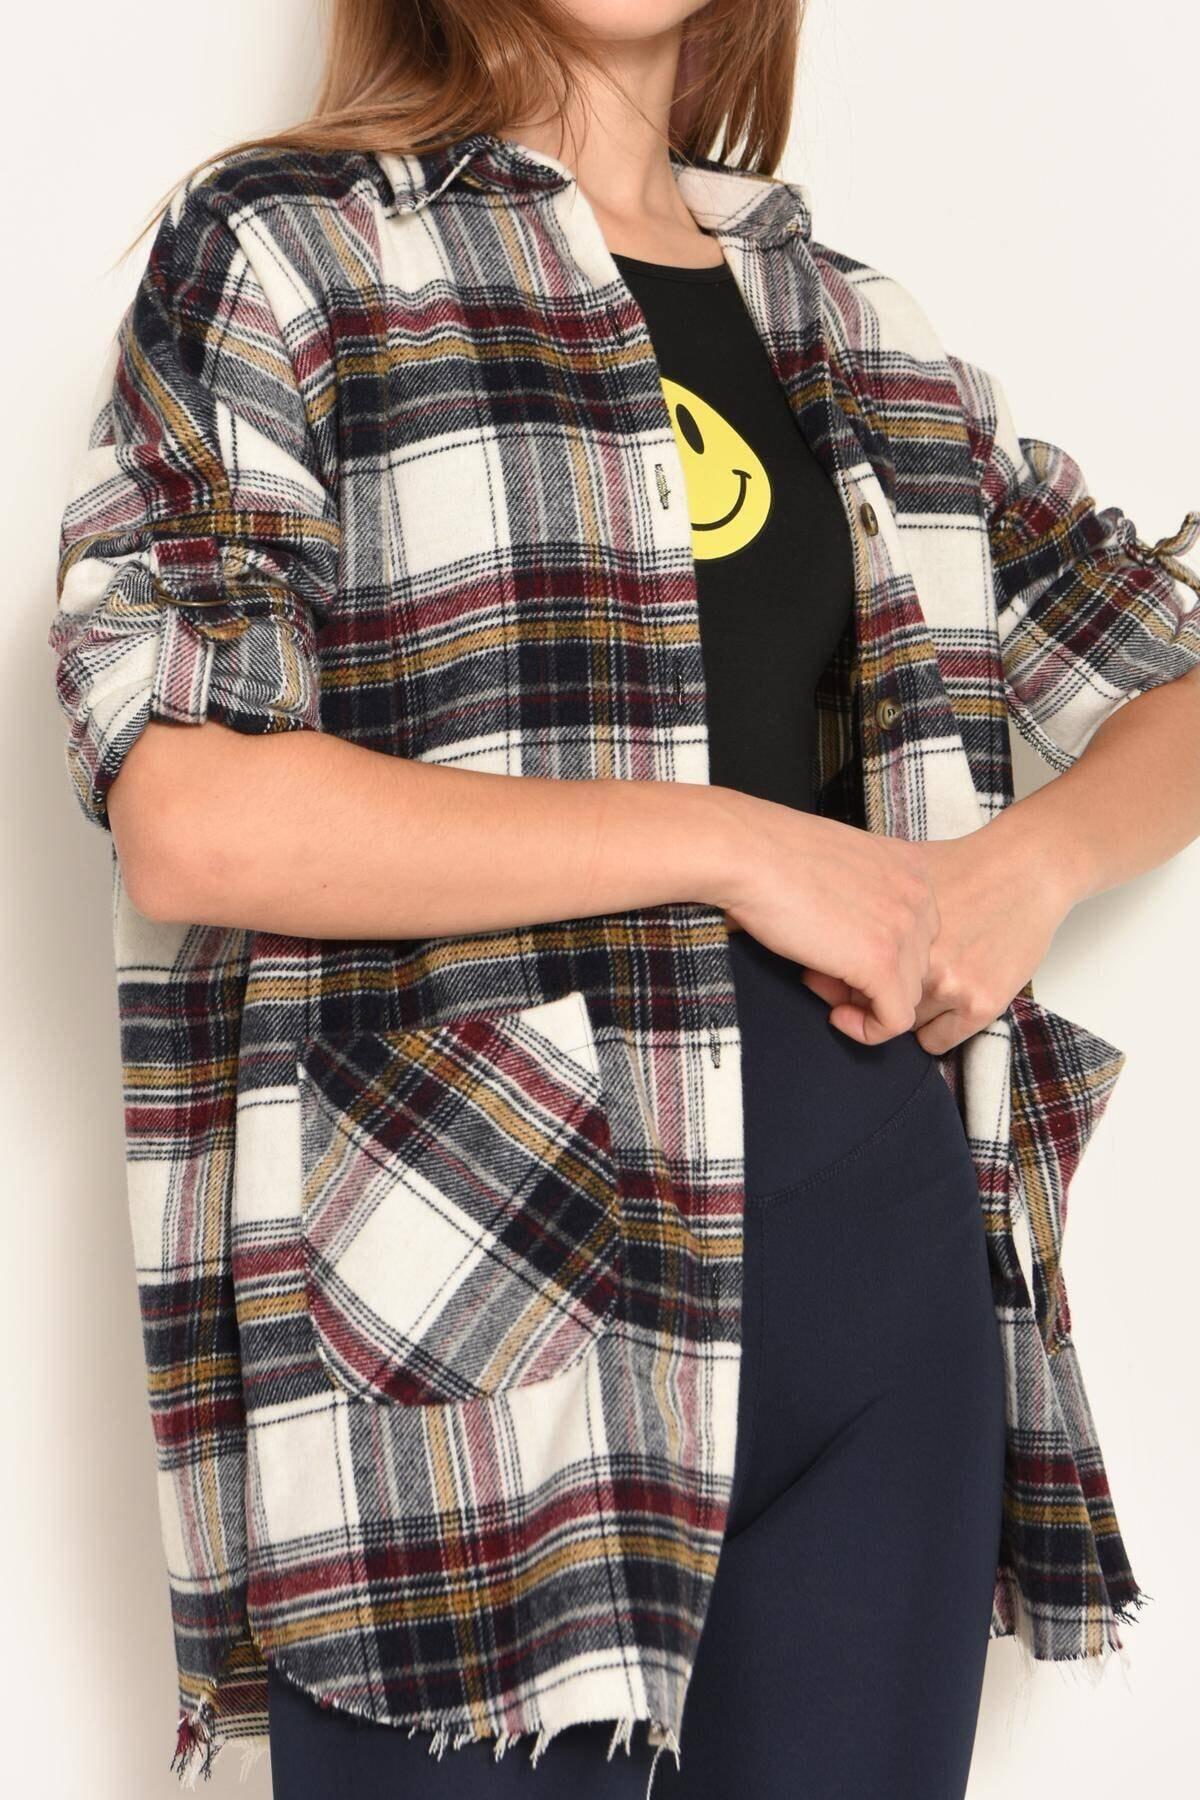 Addax Kadın Ekru-Bordo Çift Cepli Ekose Gömlek G2020 - Z3 ADX-0000023044 2